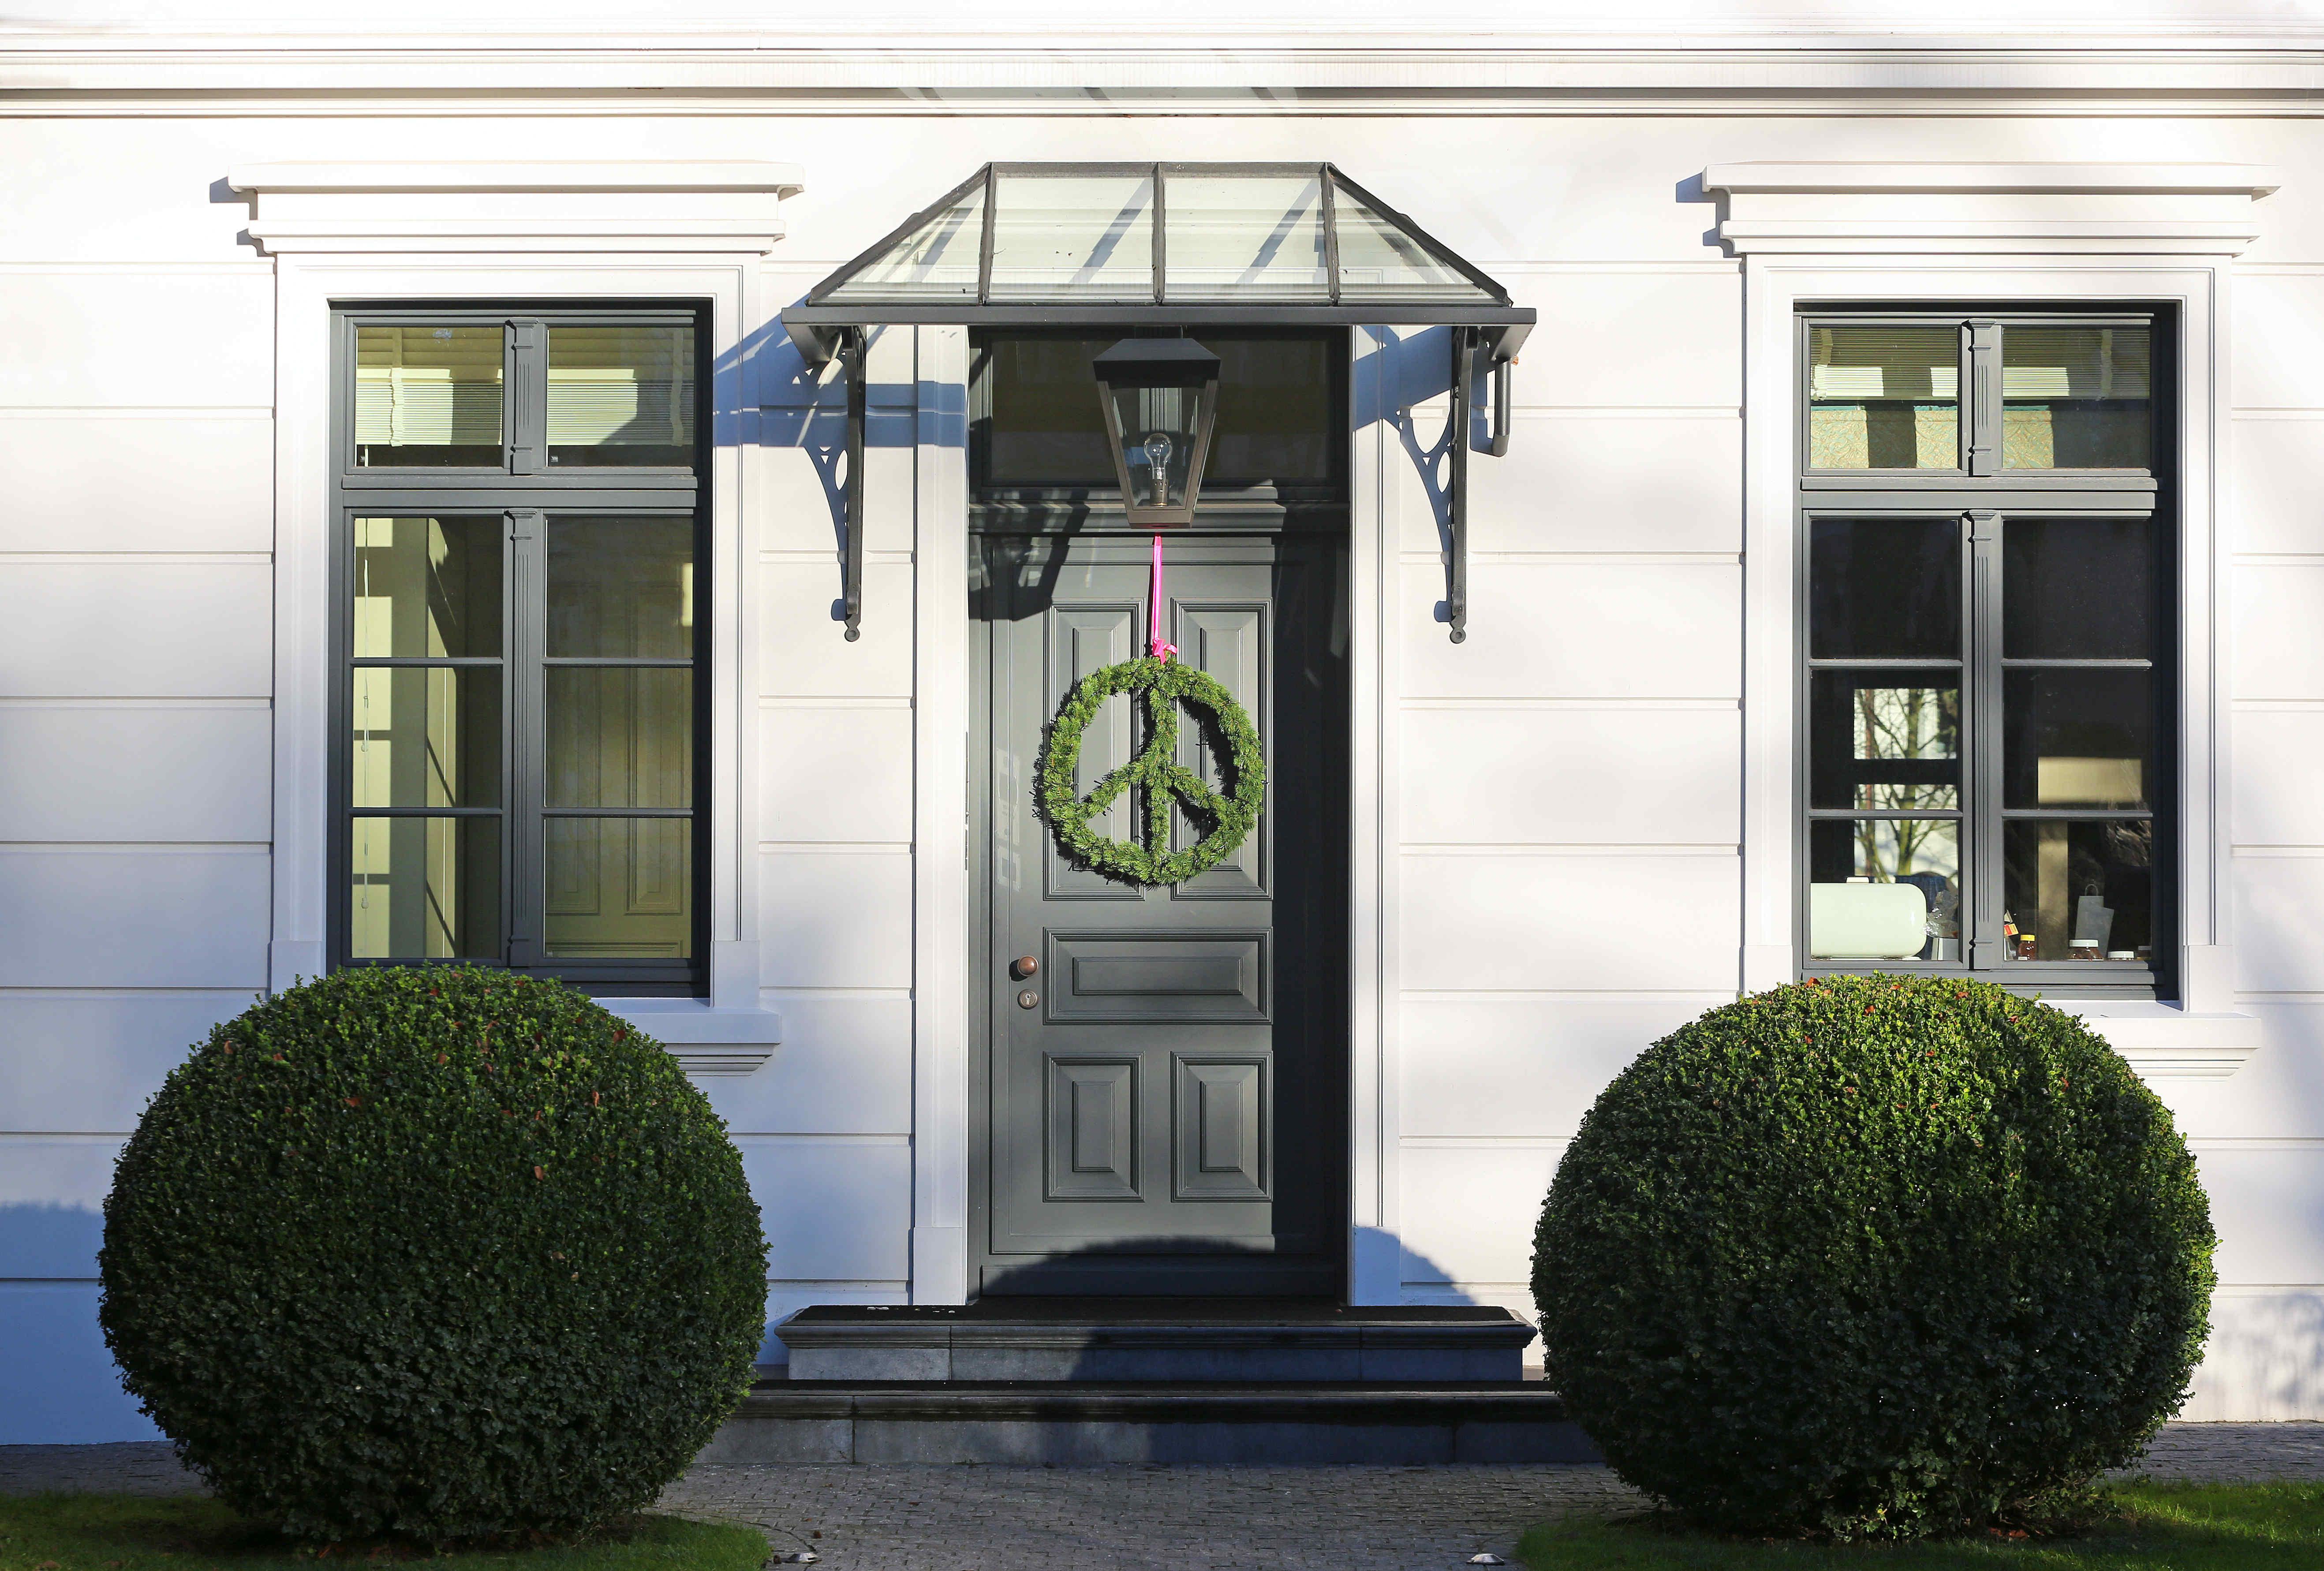 preisentwicklung f r gebrauchte reihenh user in bremen. Black Bedroom Furniture Sets. Home Design Ideas